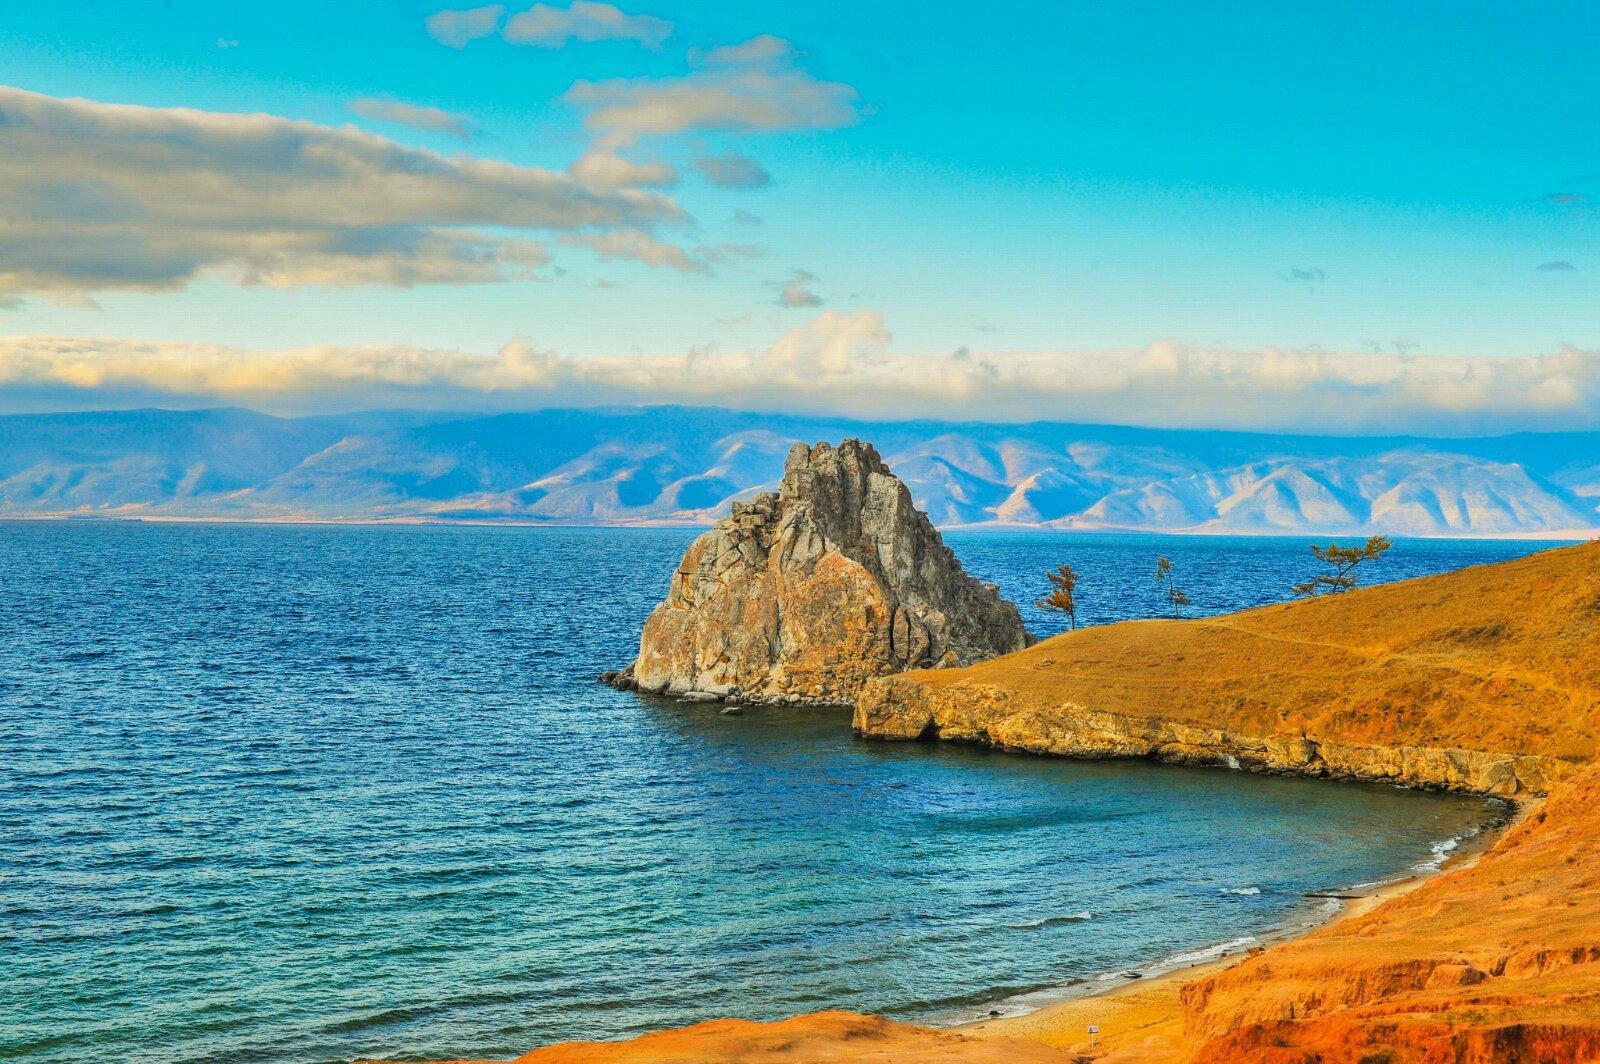 徜徉貝加爾湖畔 沉醉西伯利亞深秋圖片